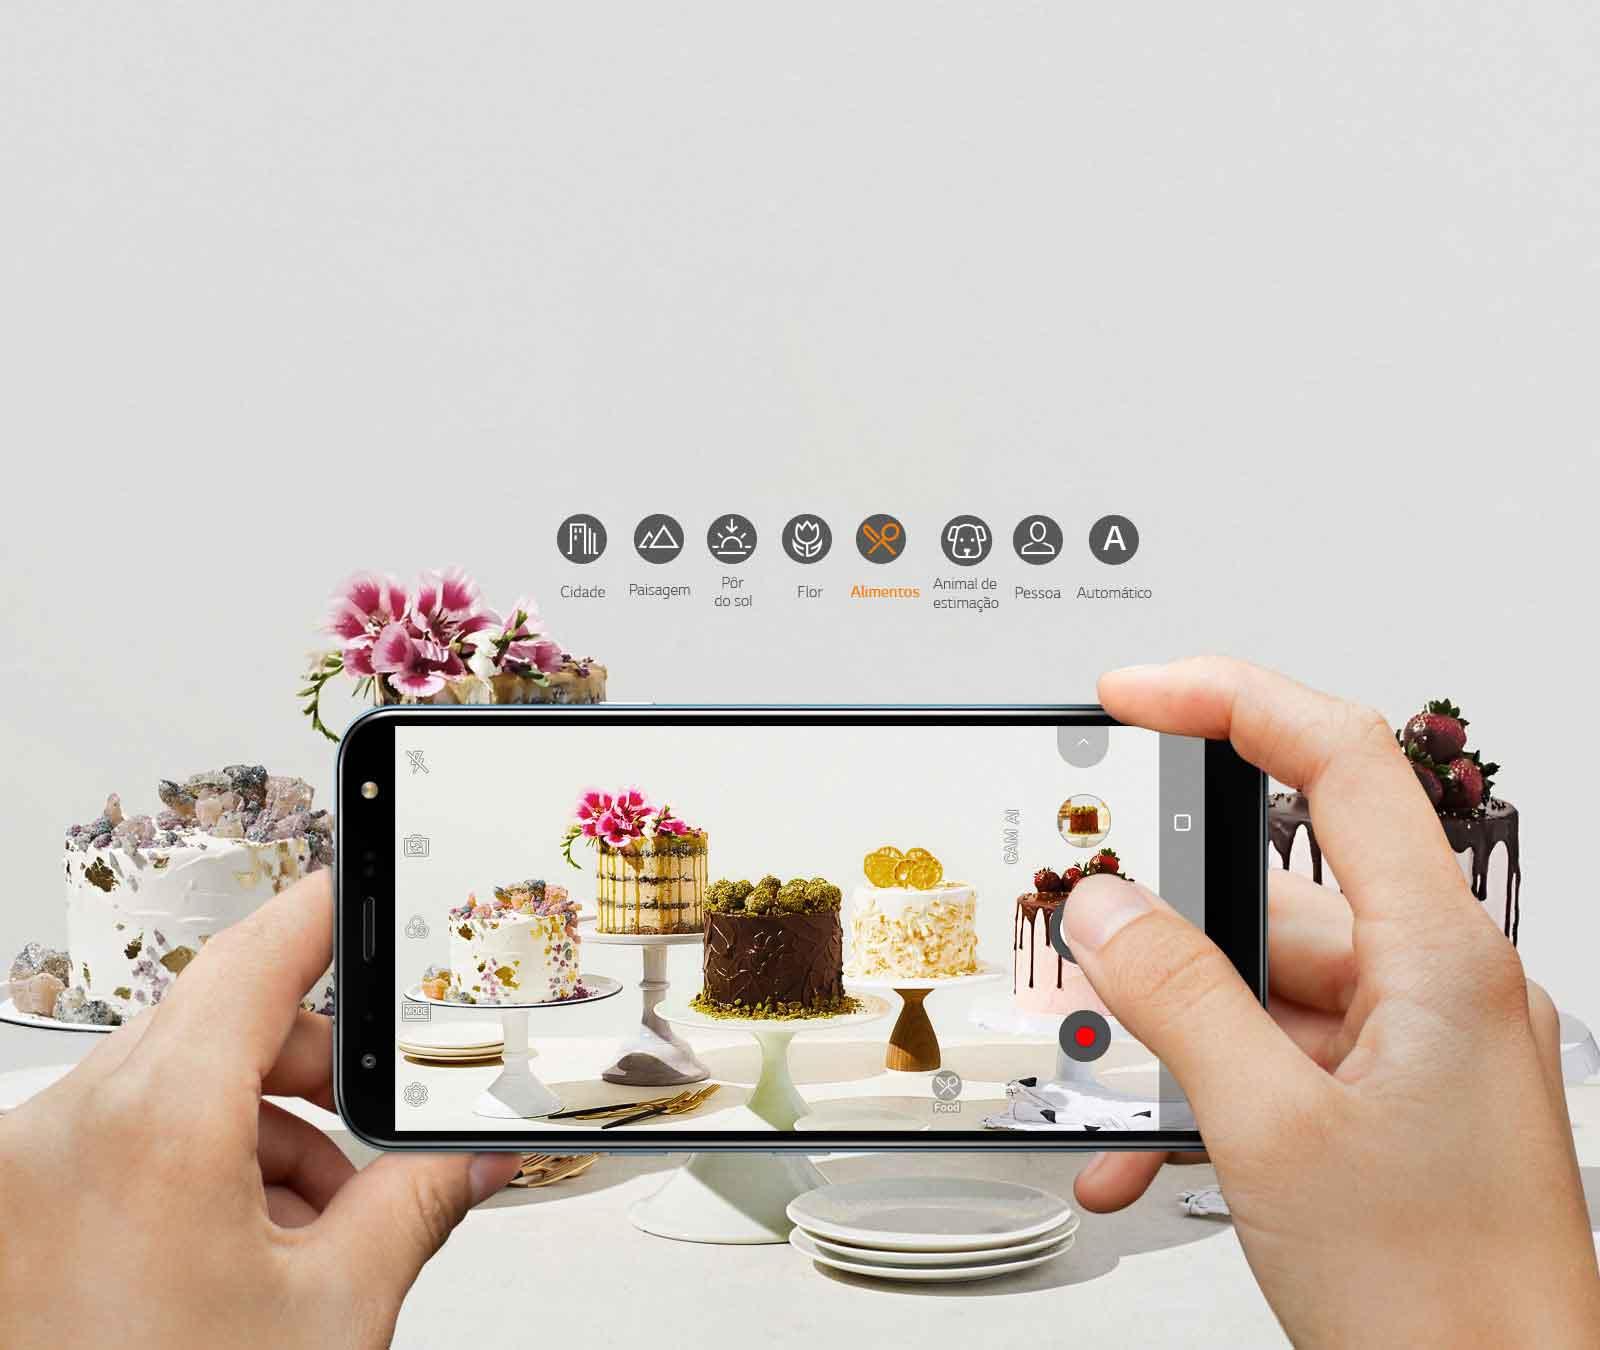 Câmera com inteligência artificial Configurações ideais em um instante